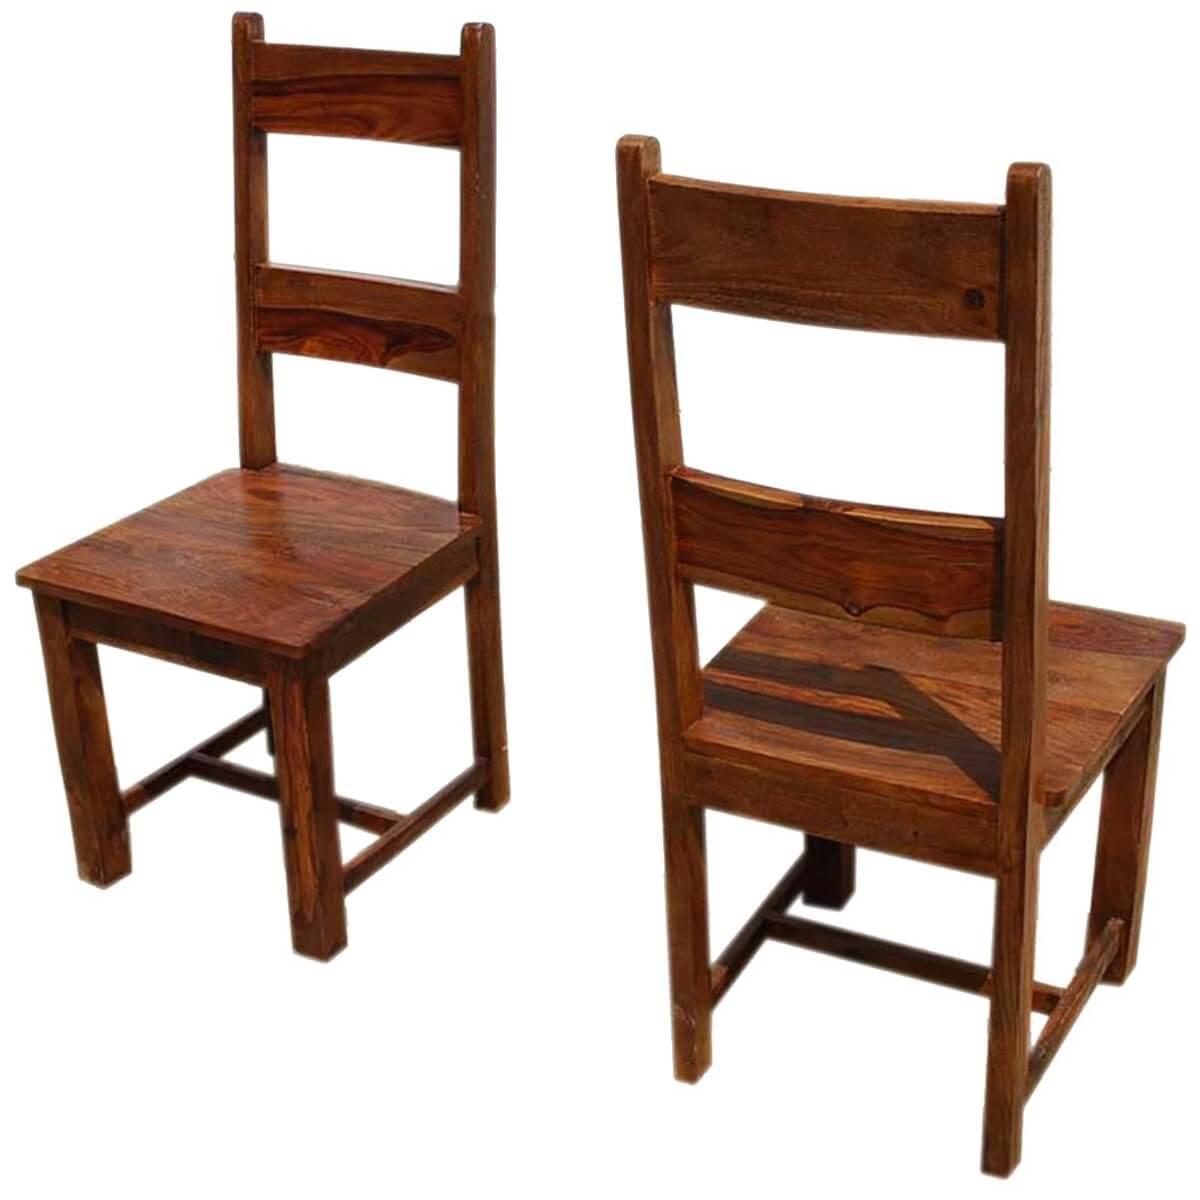 Rustic Mission Santa Cruz Solid Wood Dining Room Set For 4: Santa Cruz Mission Ladder Back Chair Set Of 2